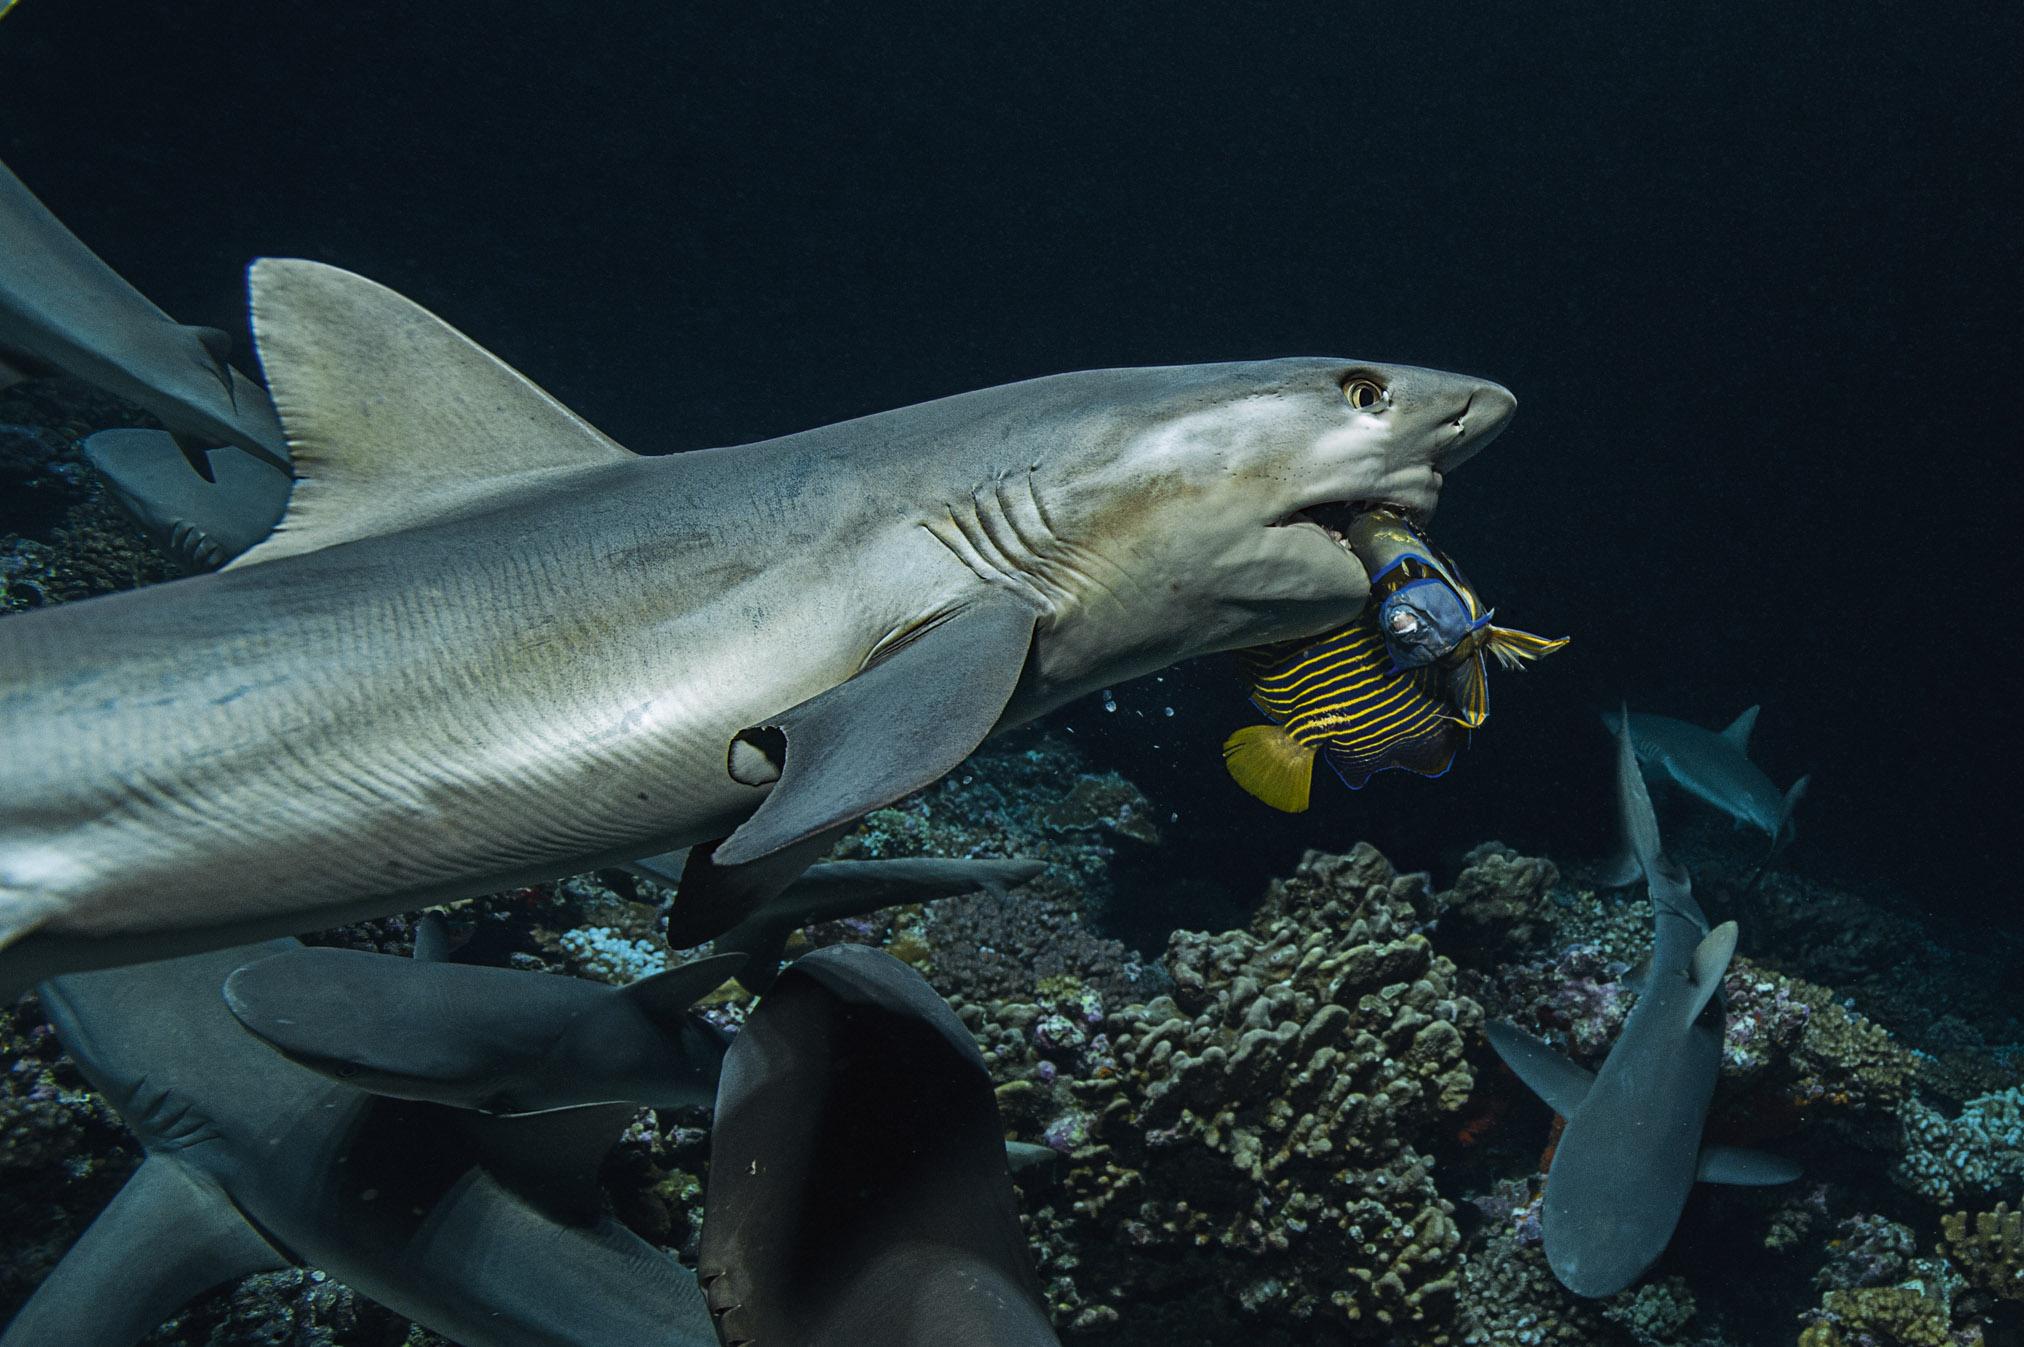 Bon-plan-exposition-700-requins-dans-la-nuit-elisa-les-bons-tuyaux-credit-photo-Laurent-Ballesta-2.jpg